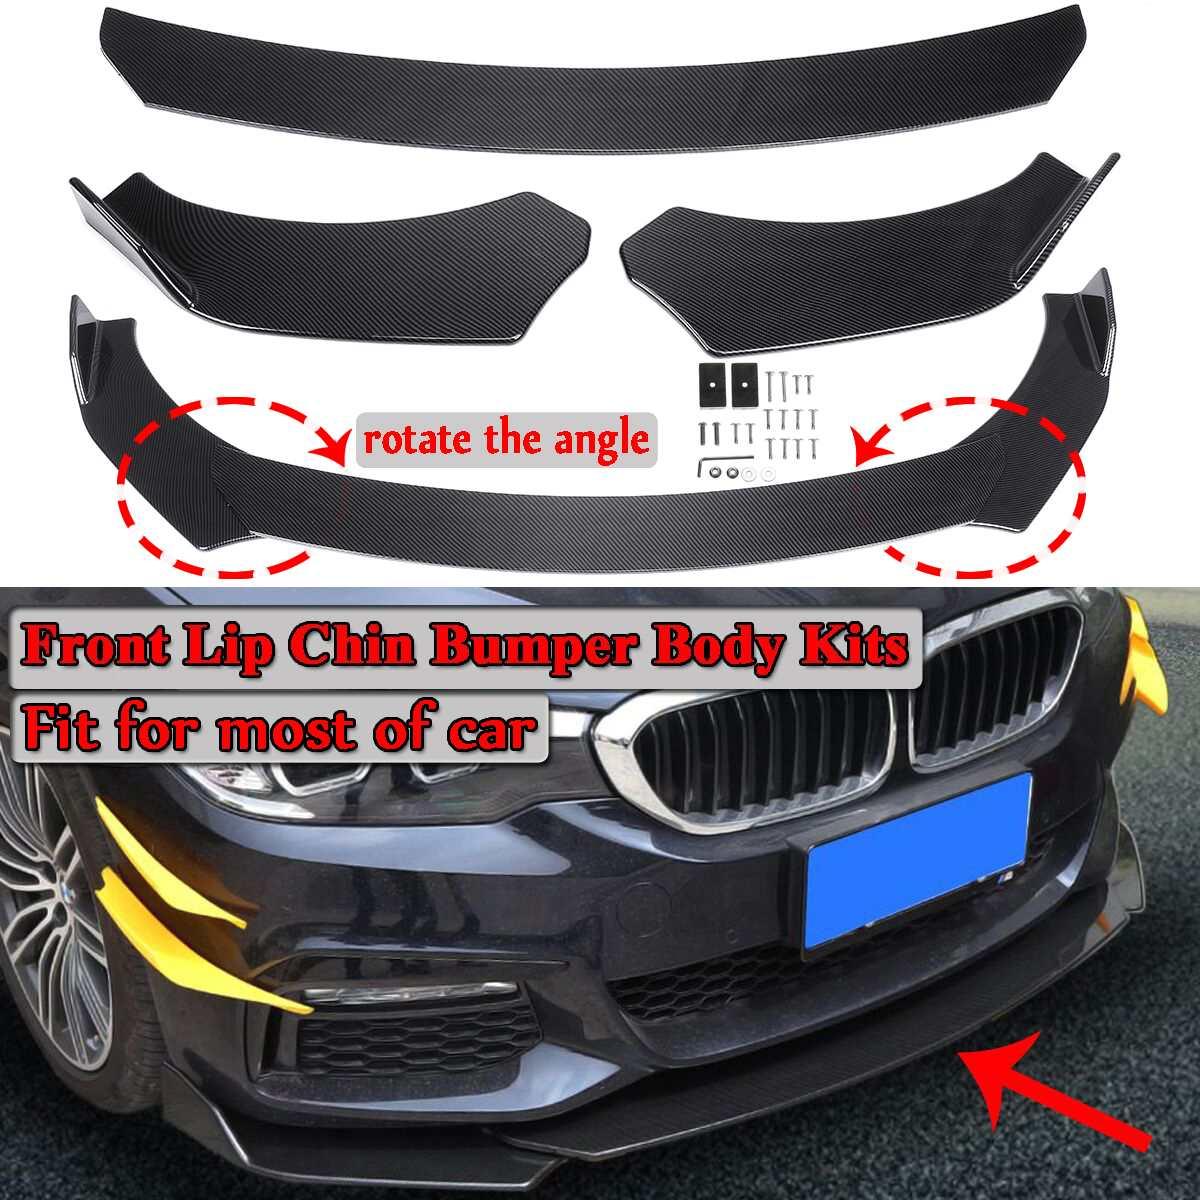 คาร์บอนไฟเบอร์/สีดำรถกันชนด้านหน้าลิป BODY ชุด Diffuser สำหรับ BMW สำหรับ Benz สำหรับ Audi สำหรับ VW สำหรับ Subaru